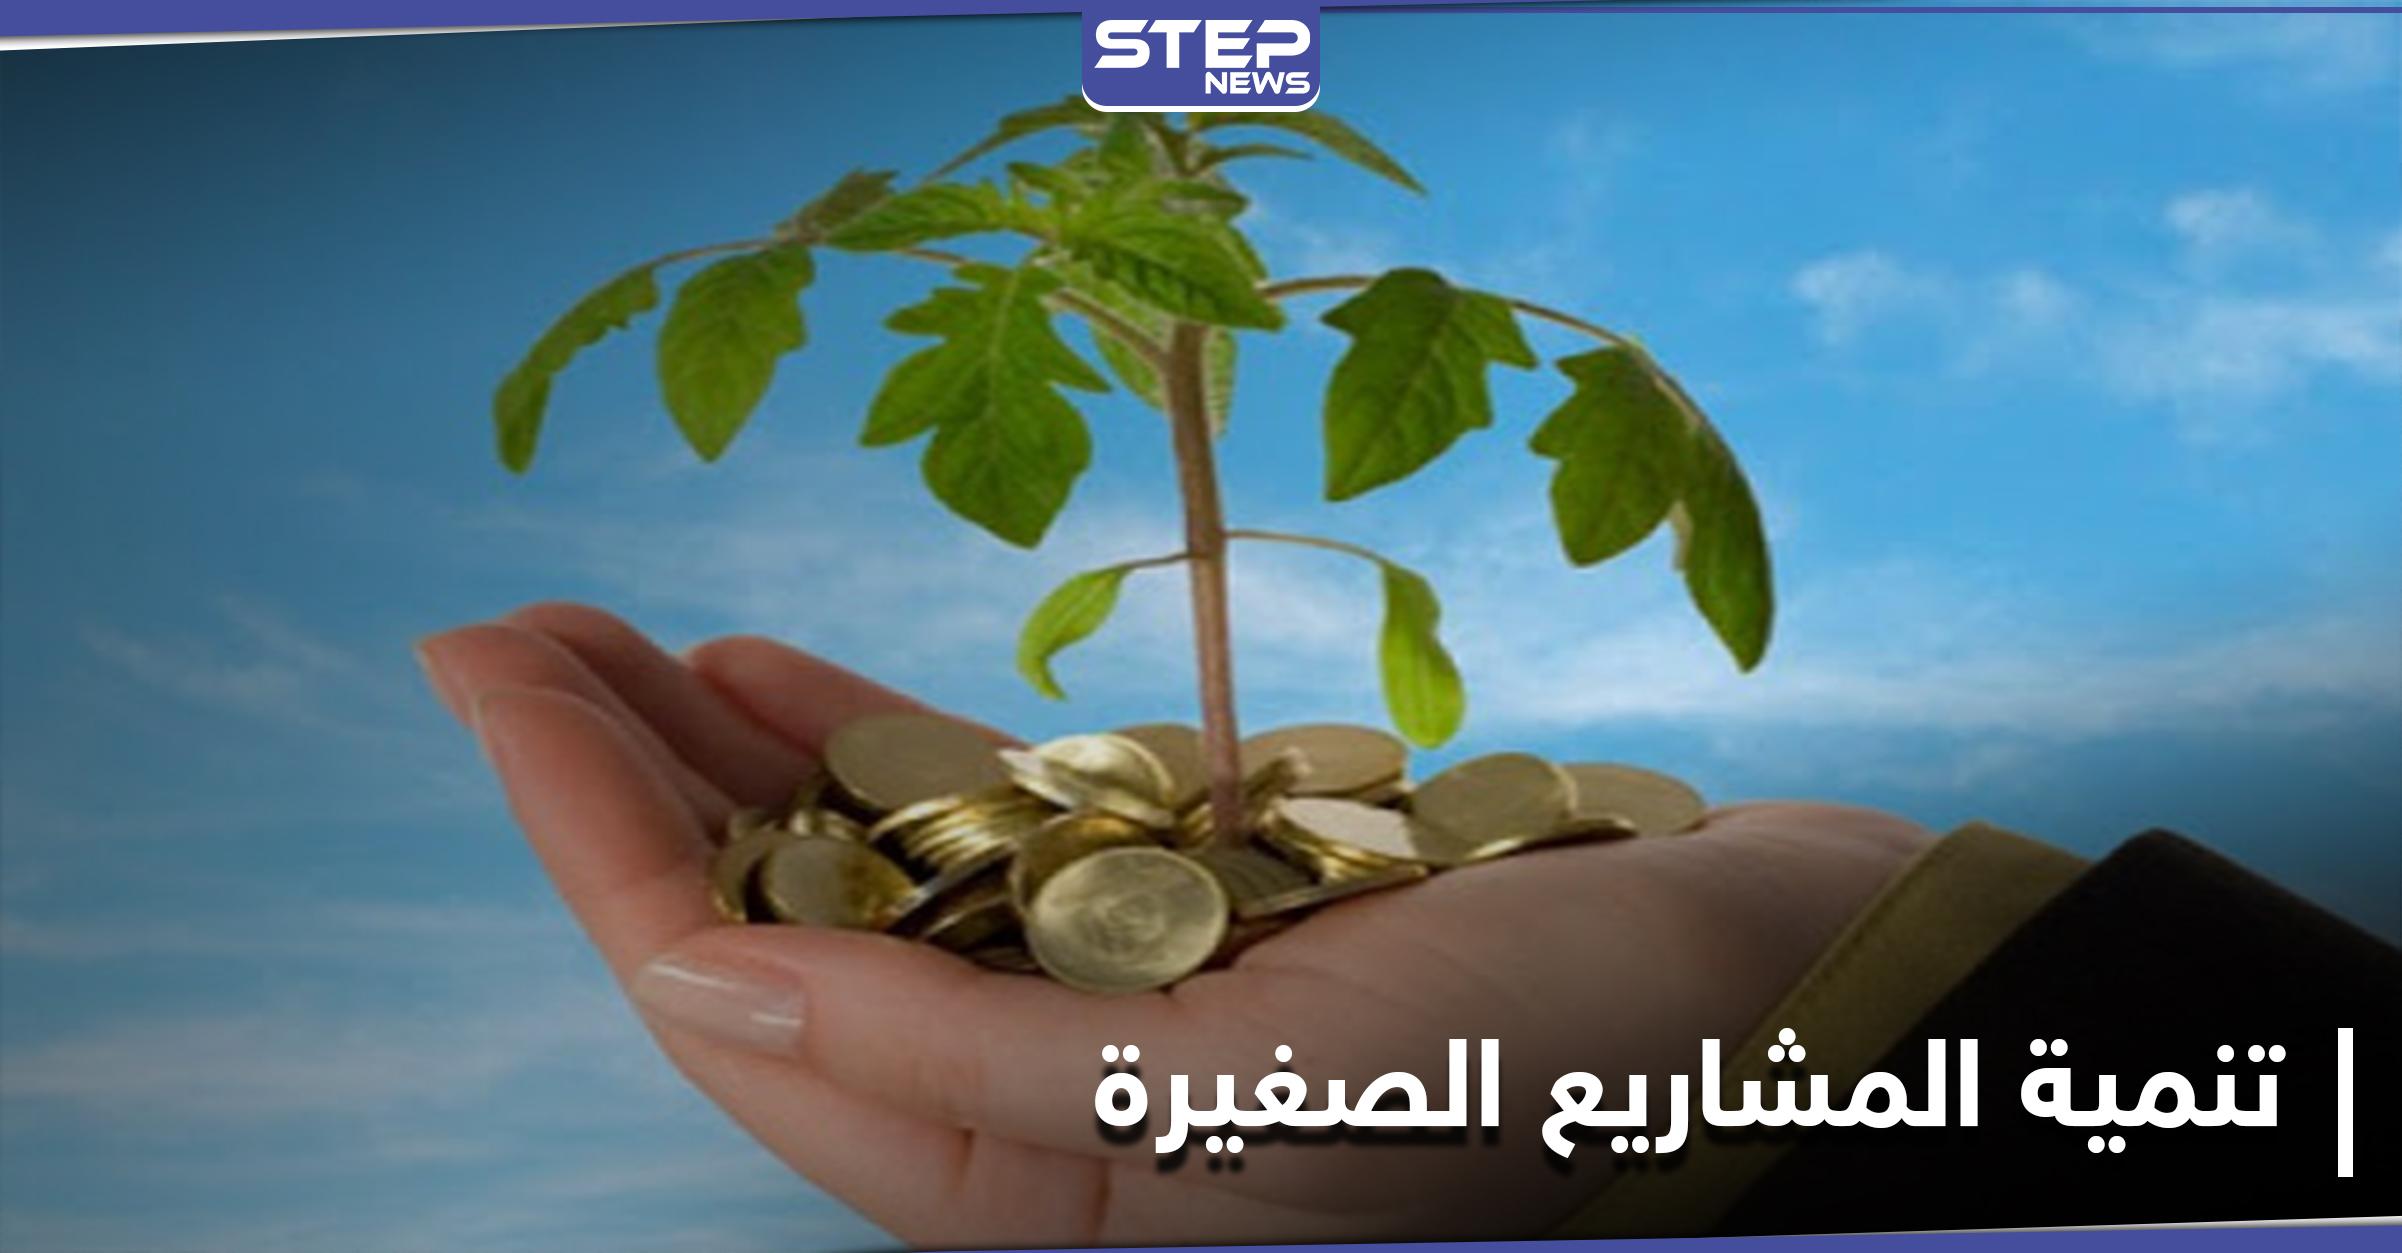 دولة عربية مرشحة للتقدم عالمياً في توطين شركات التكنولوجيا الناشئة